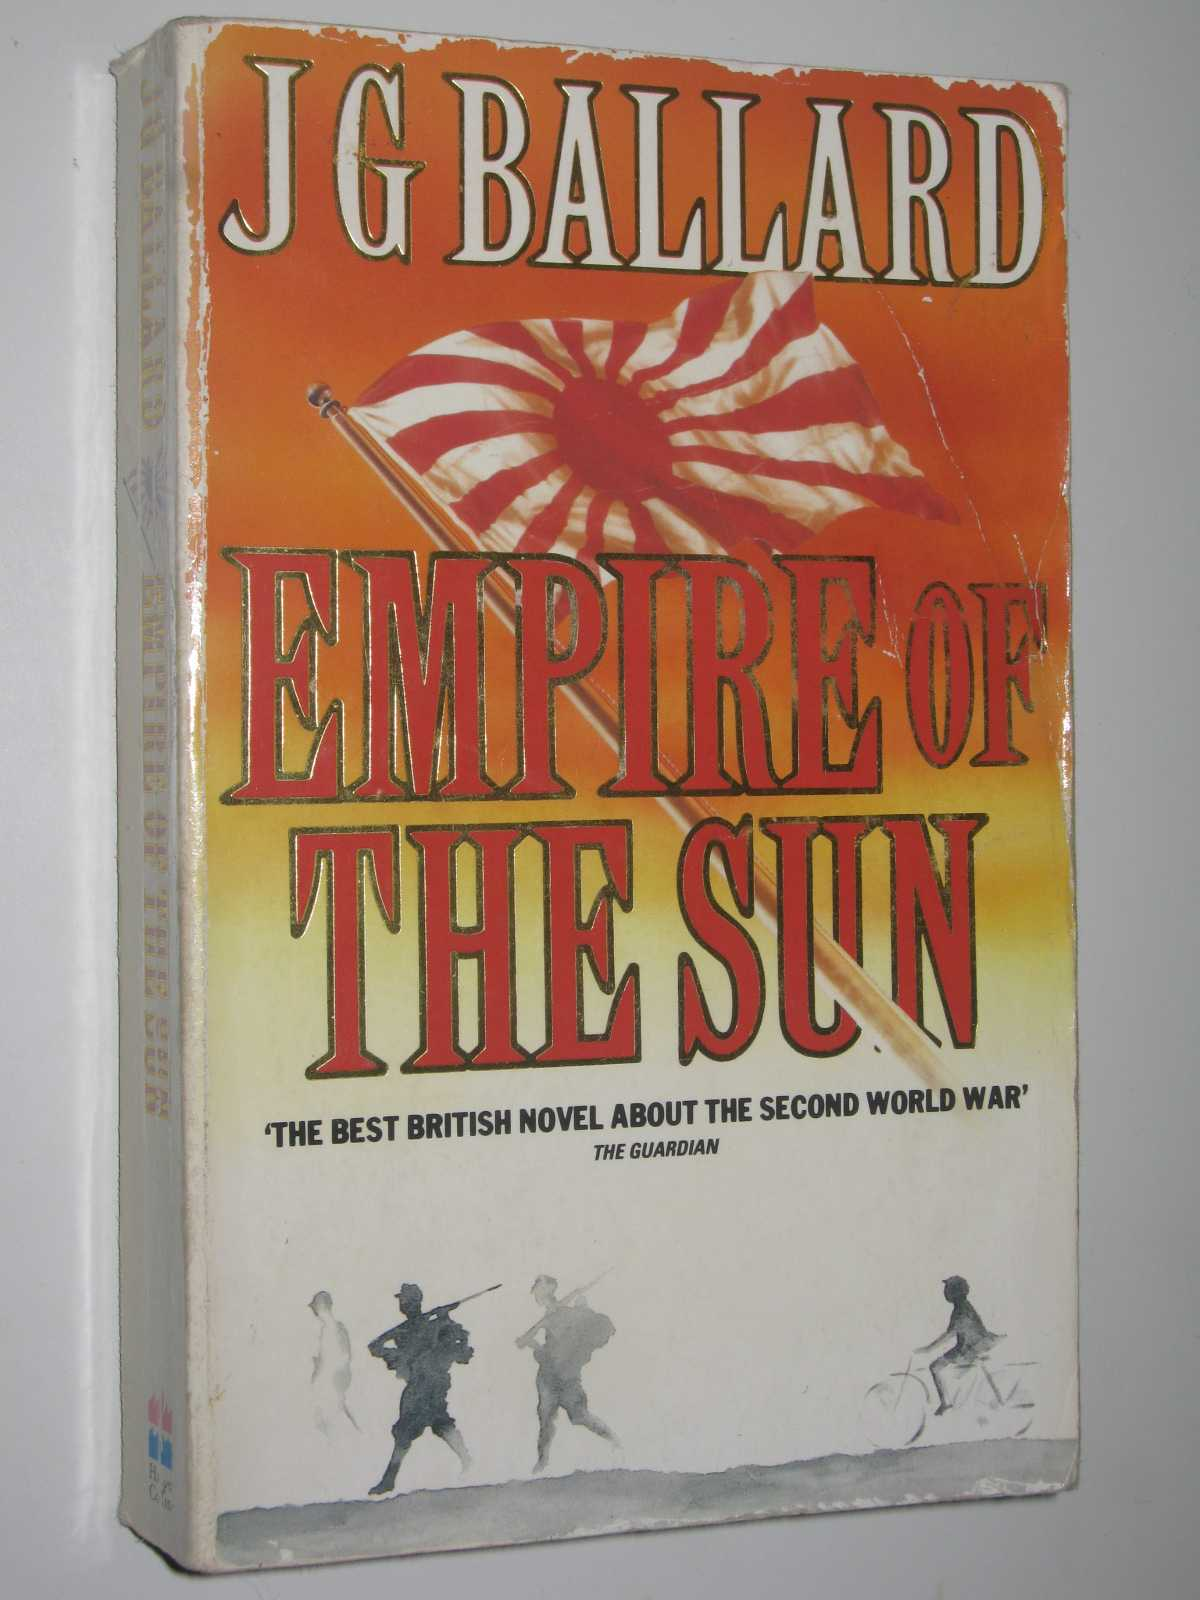 Empire of the Sun, Ballard, J. G.